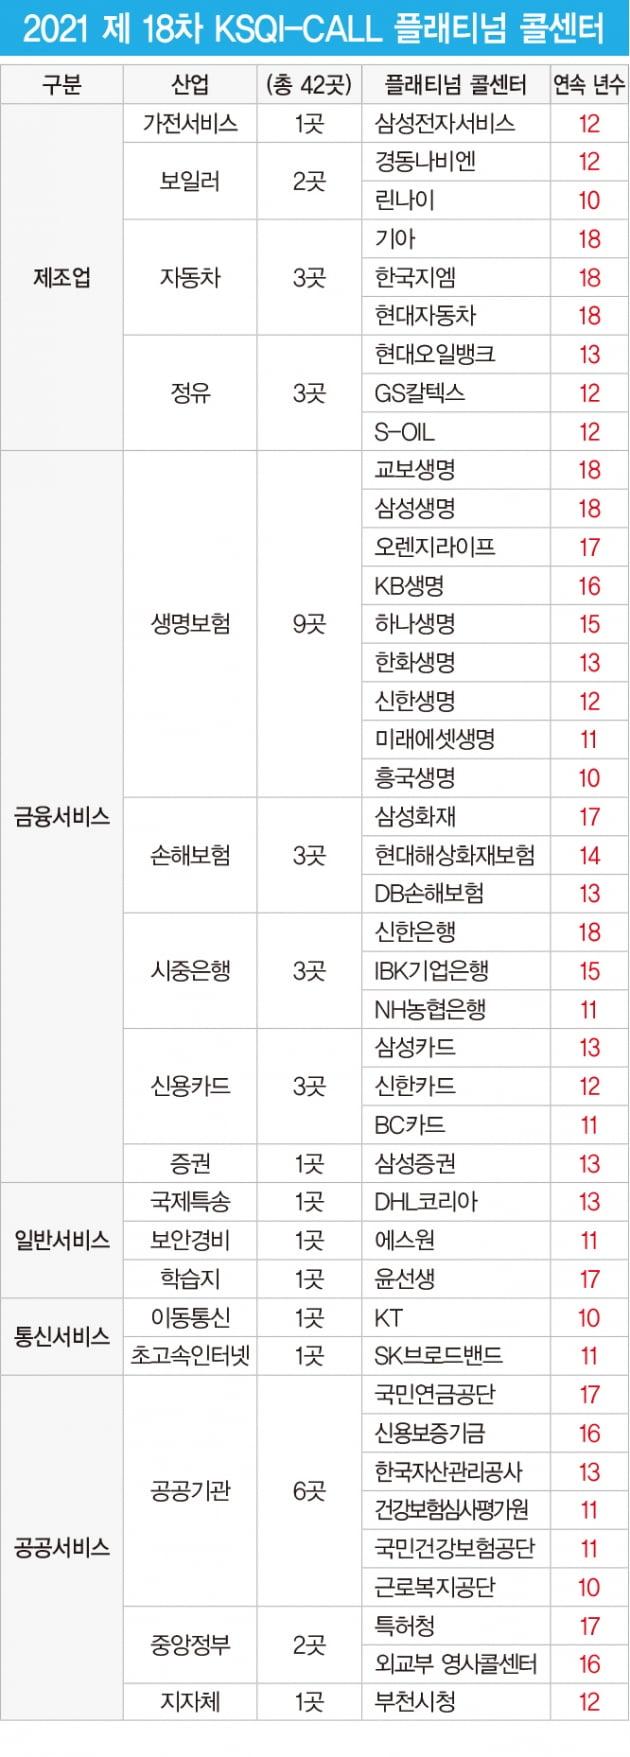 한국능률협회컨설팅, '대한민국 플래티넘 콜센터' 발표